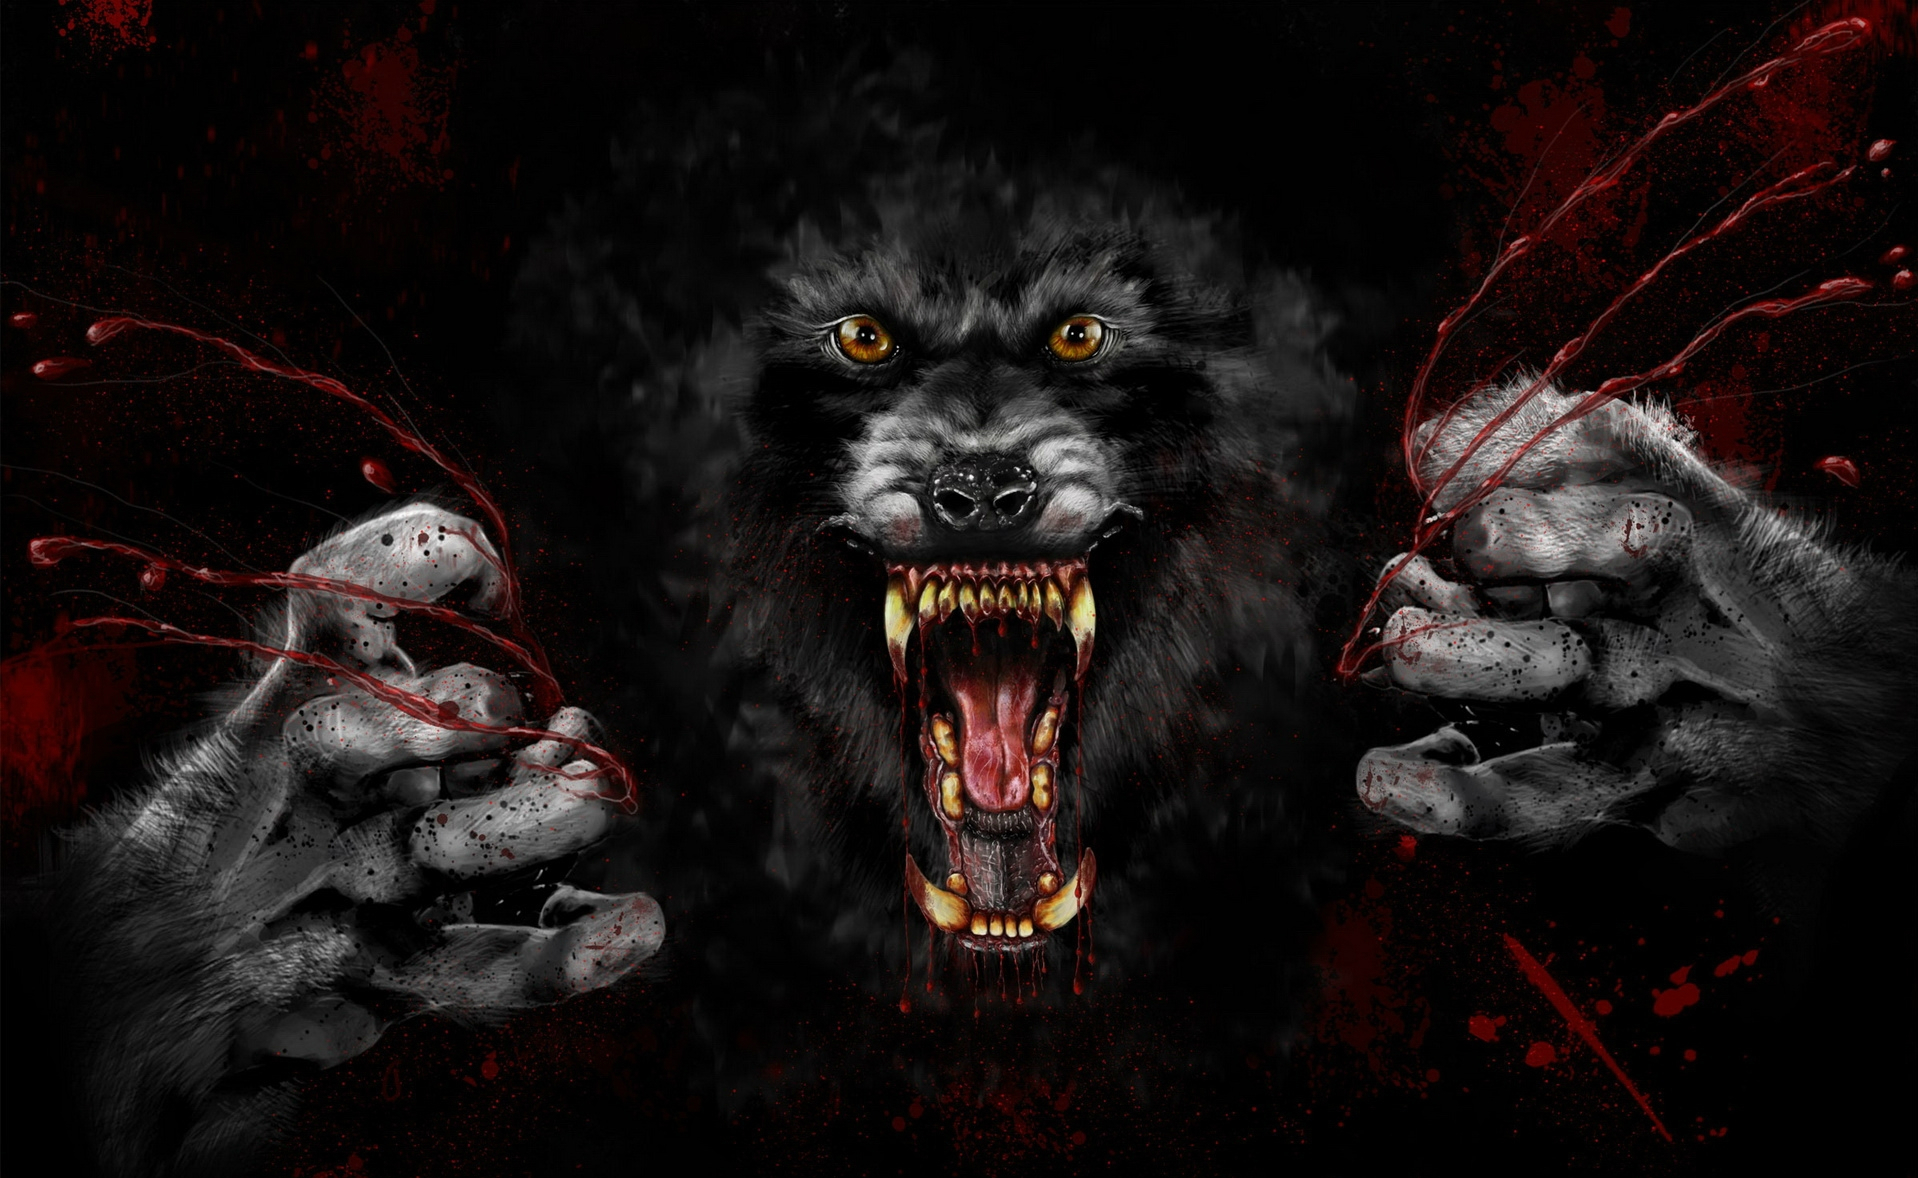 Dark Werewolf Wallpaper 1918x1178 Dark Werewolf 1918x1178